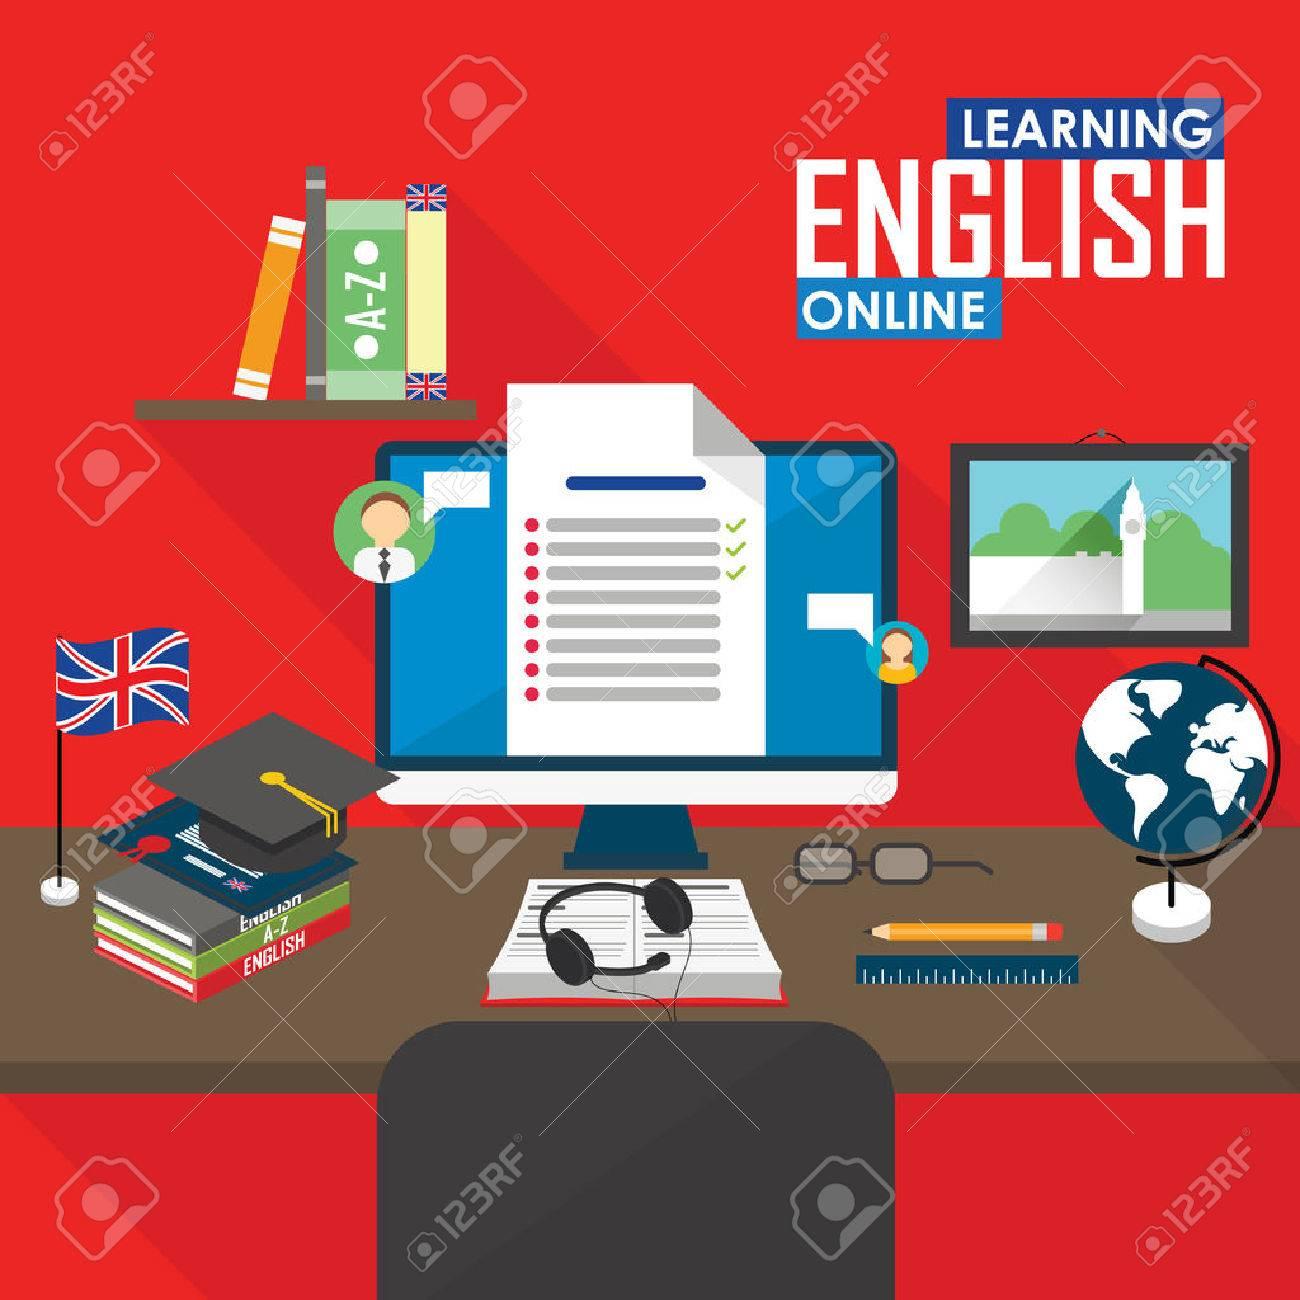 Английский обучение дистанционно бесплатно изучение английского языка 6 класса